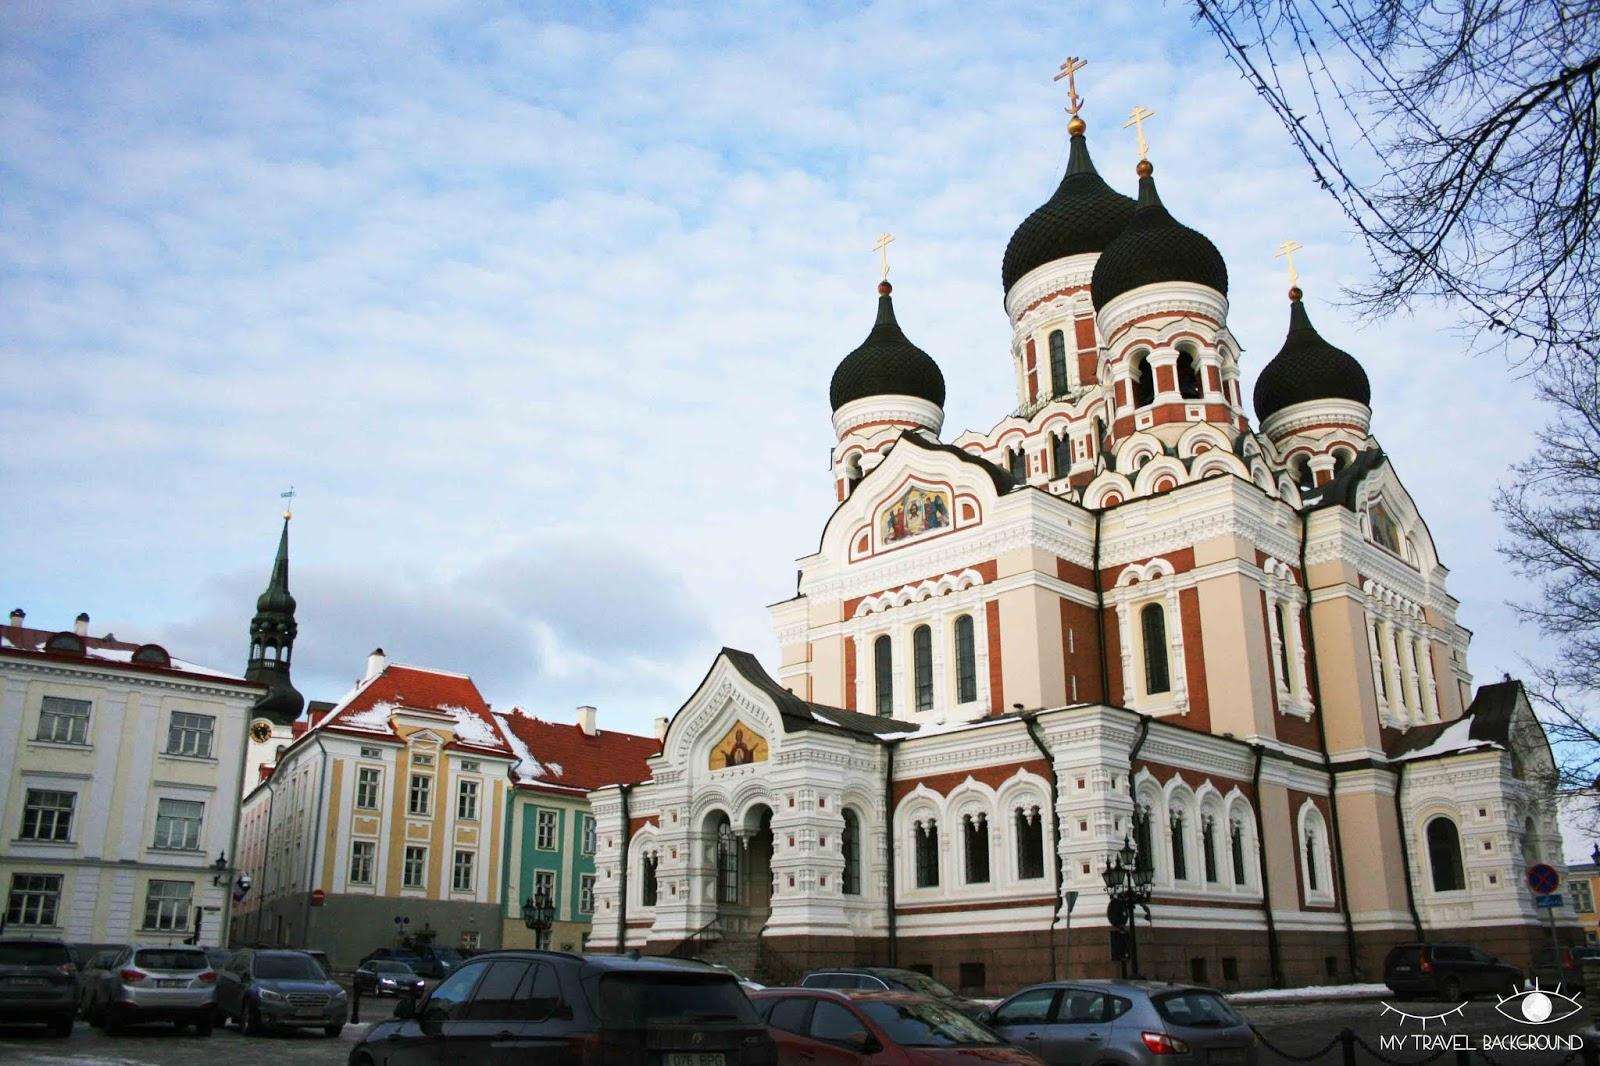 My Travel Background : road trip de 10 jours autour de la mer baltique : Danemark, Finlande, Estonie - Tallinn, Estonie